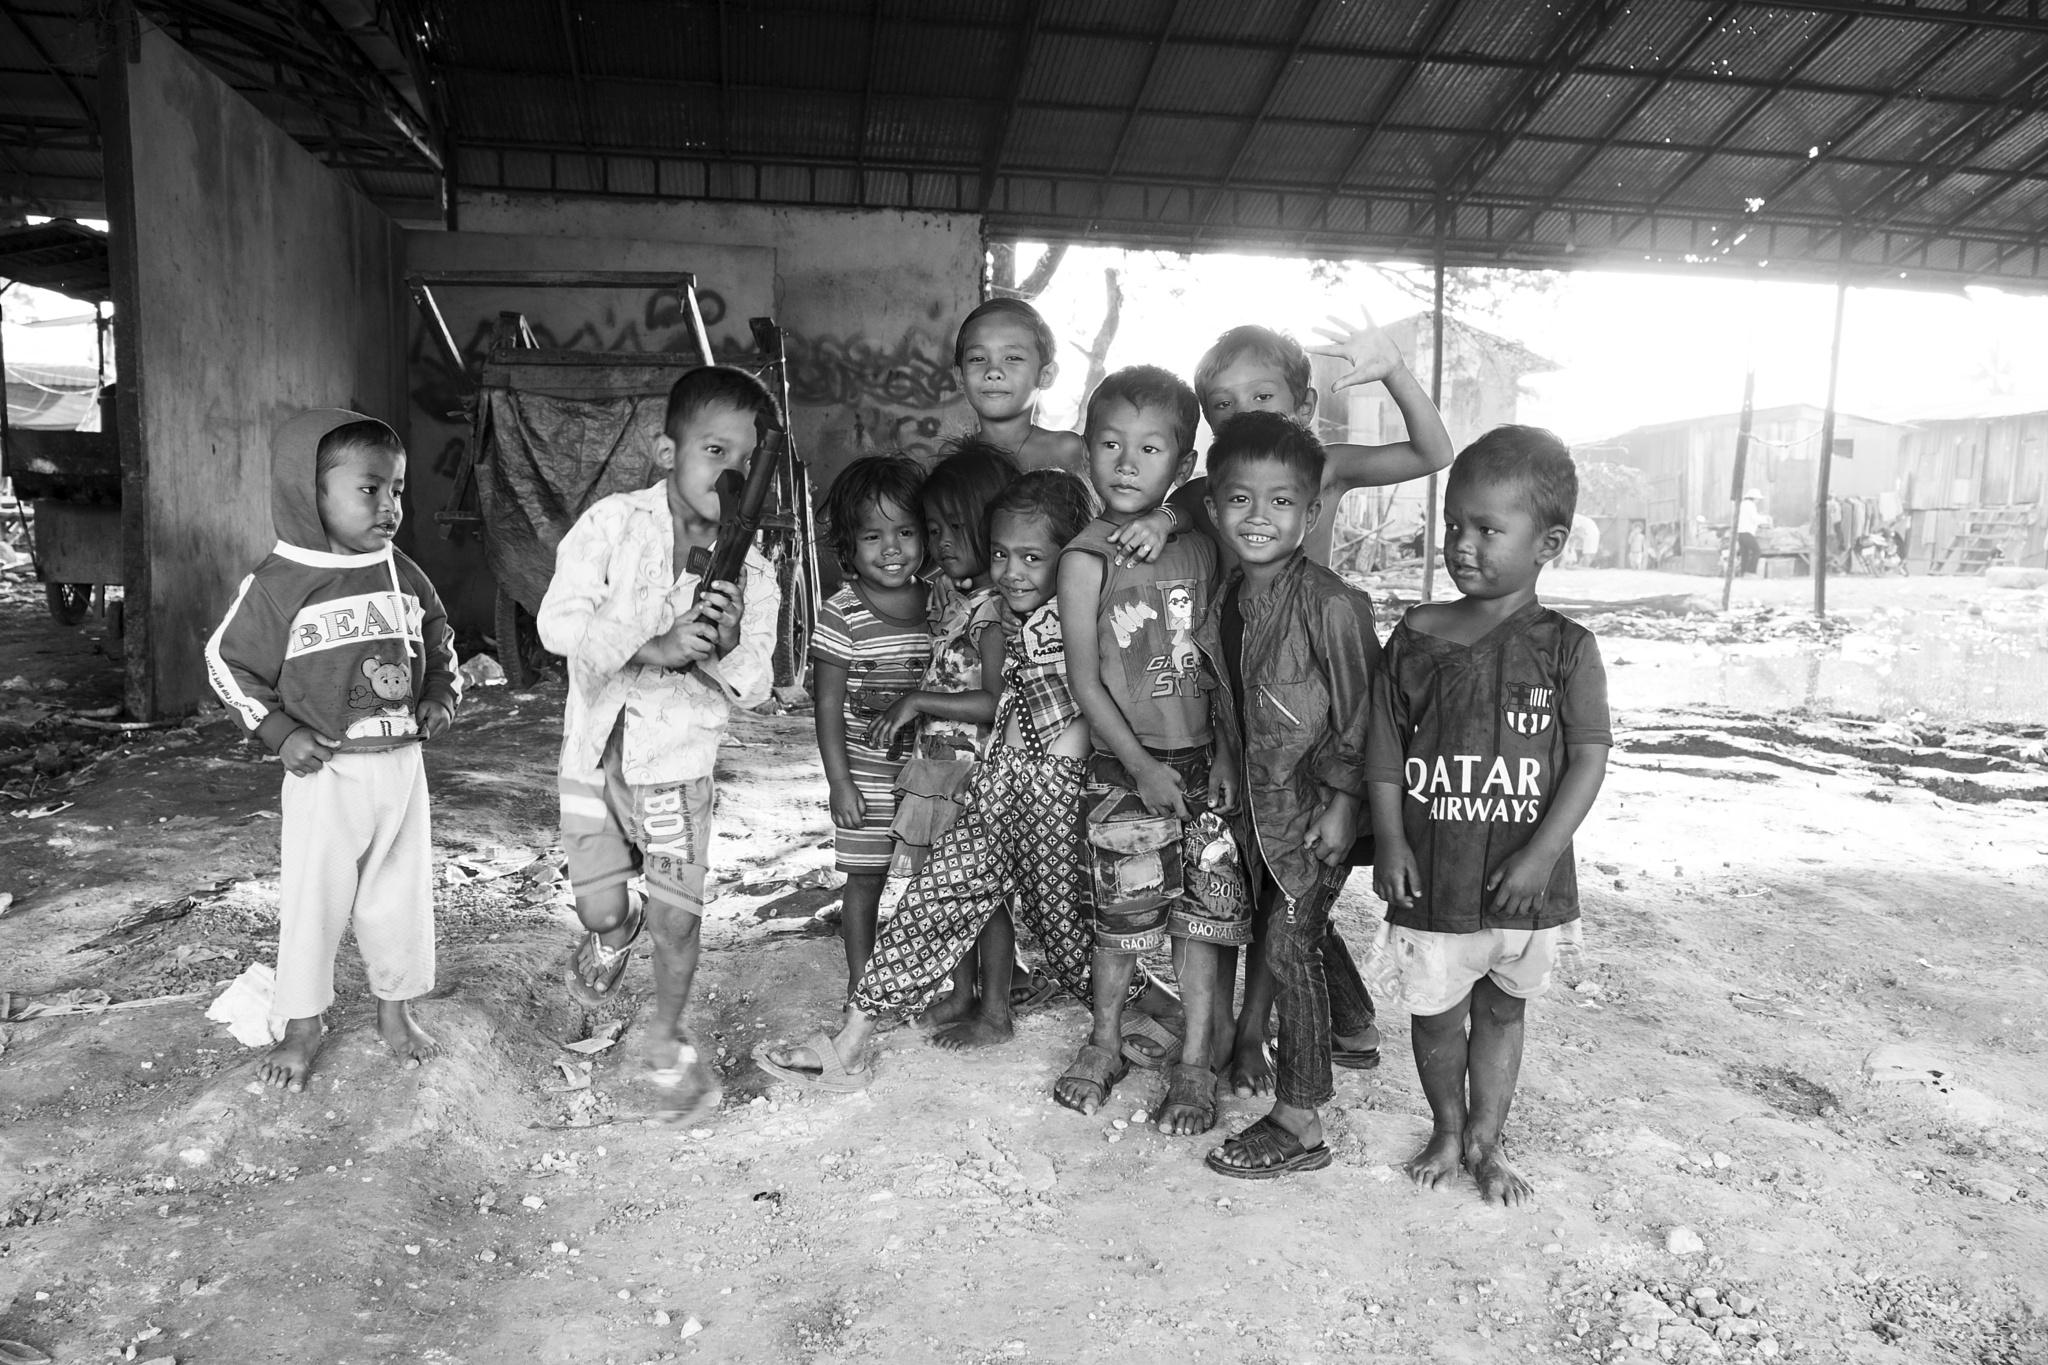 street children, Cambodia by Johan Bünger